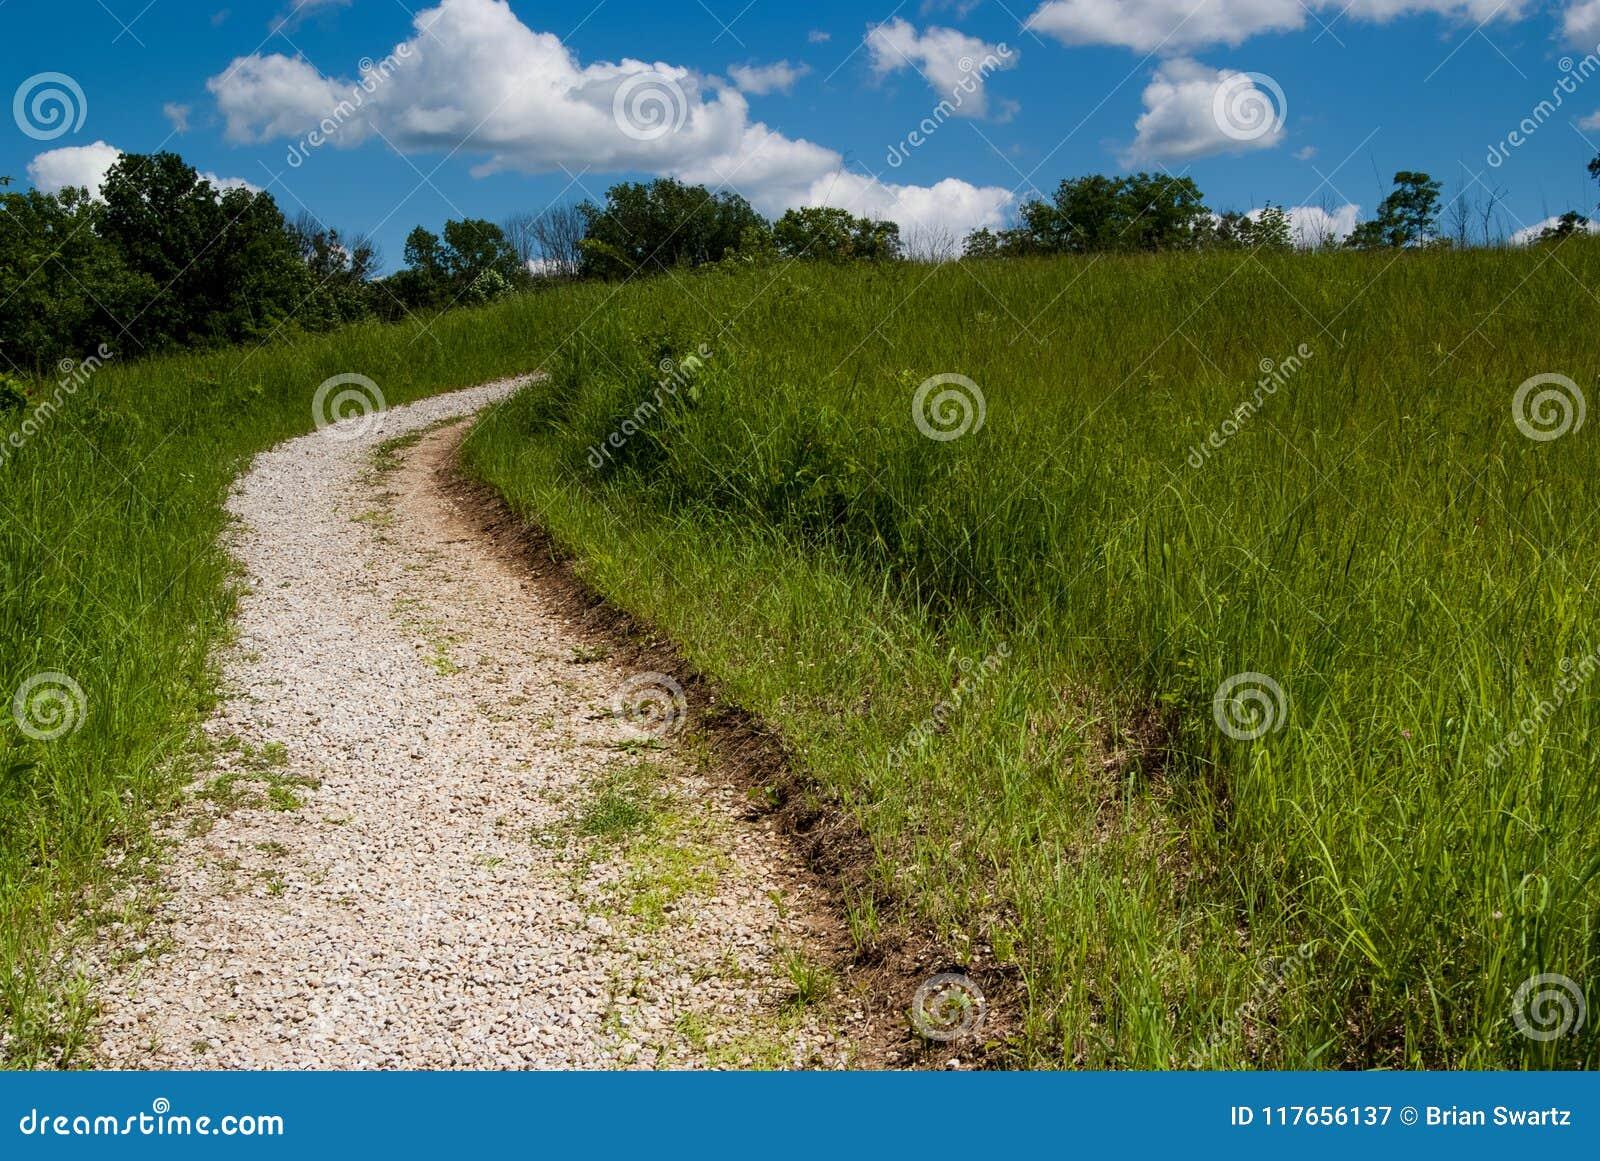 Suivez le chemin 2971